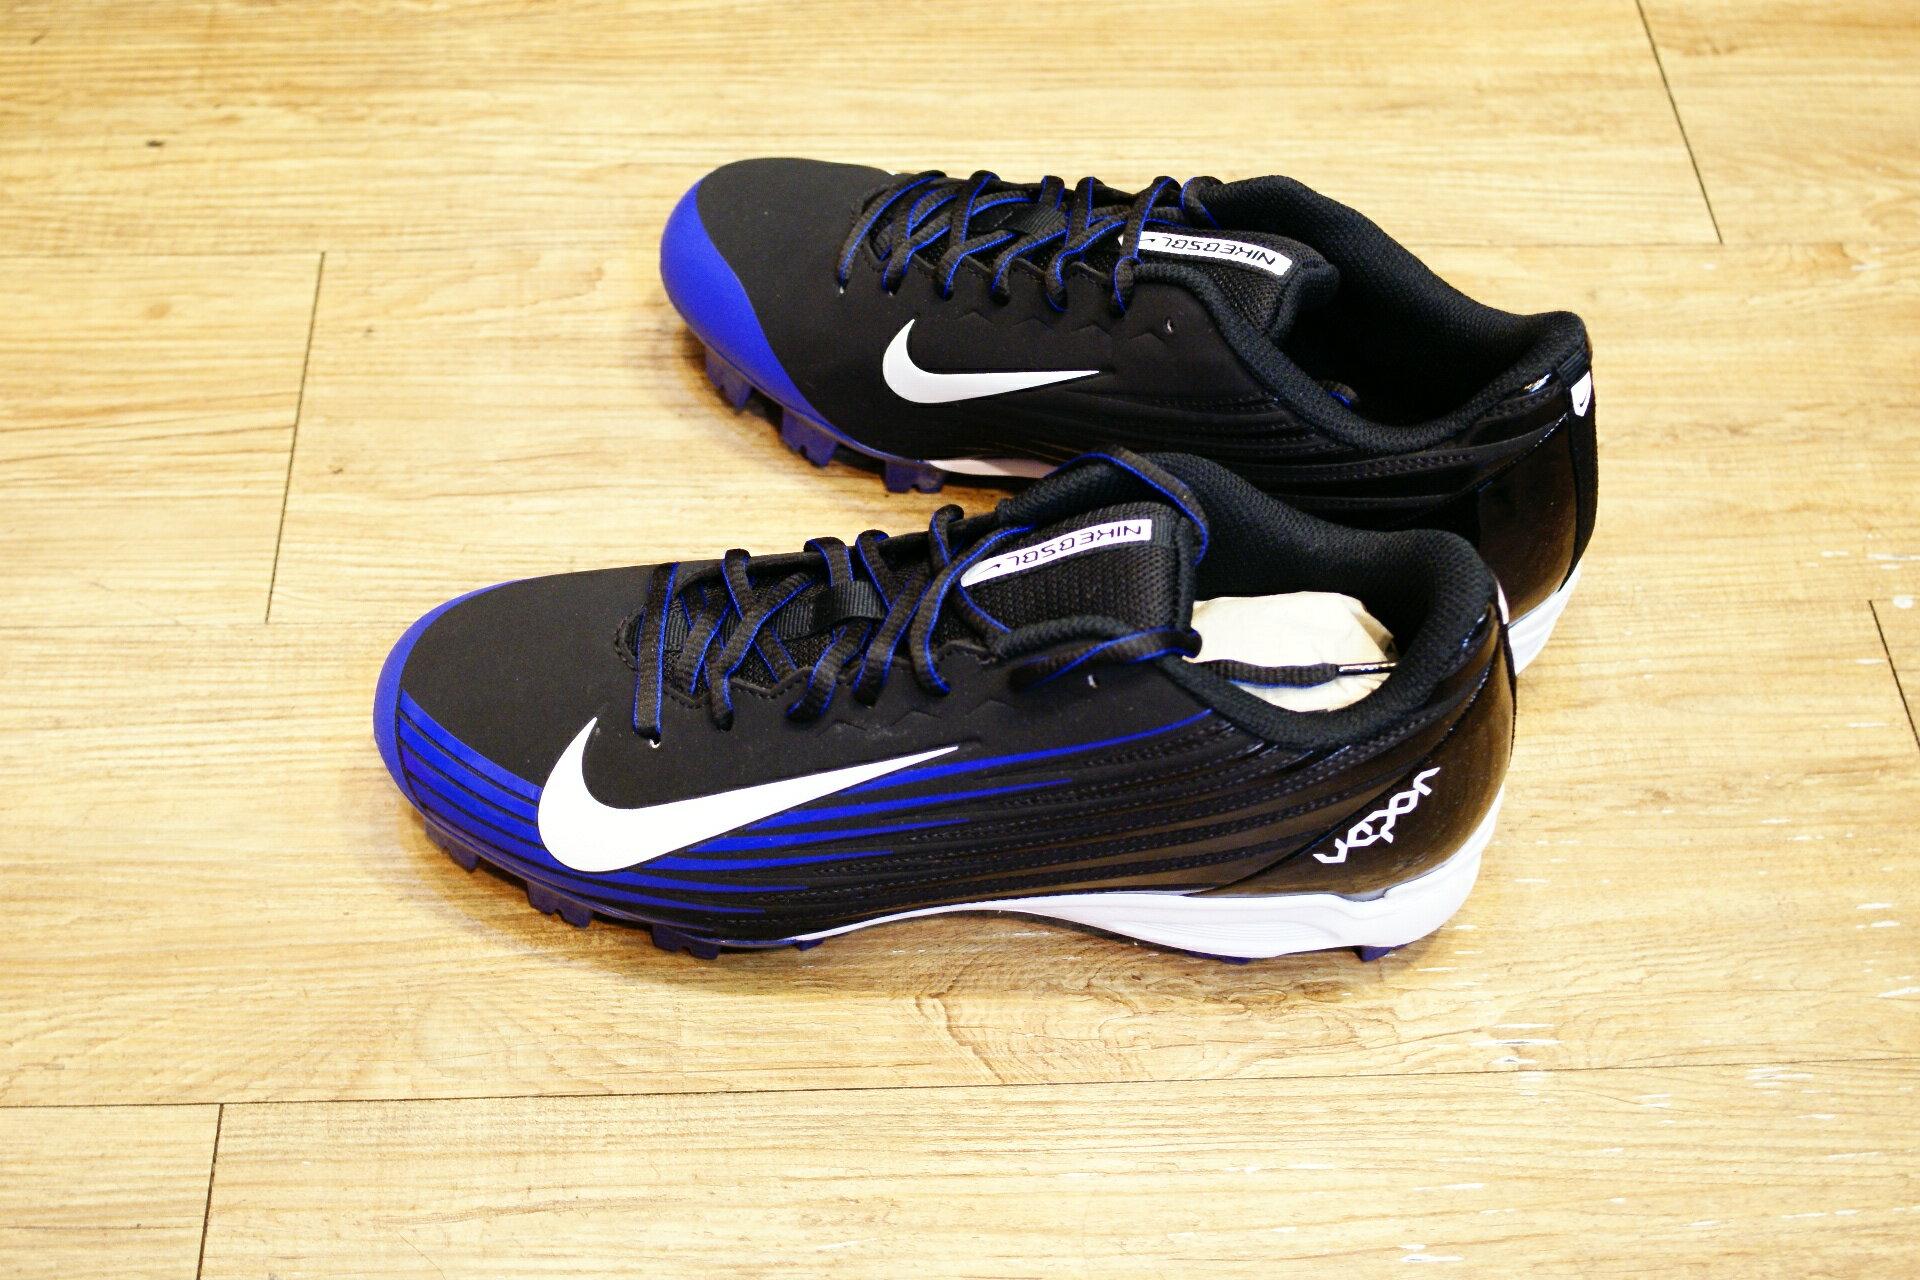 棒球世界14年新款 nike vapor strike 黑藍配色 膠釘壘球鞋 特價